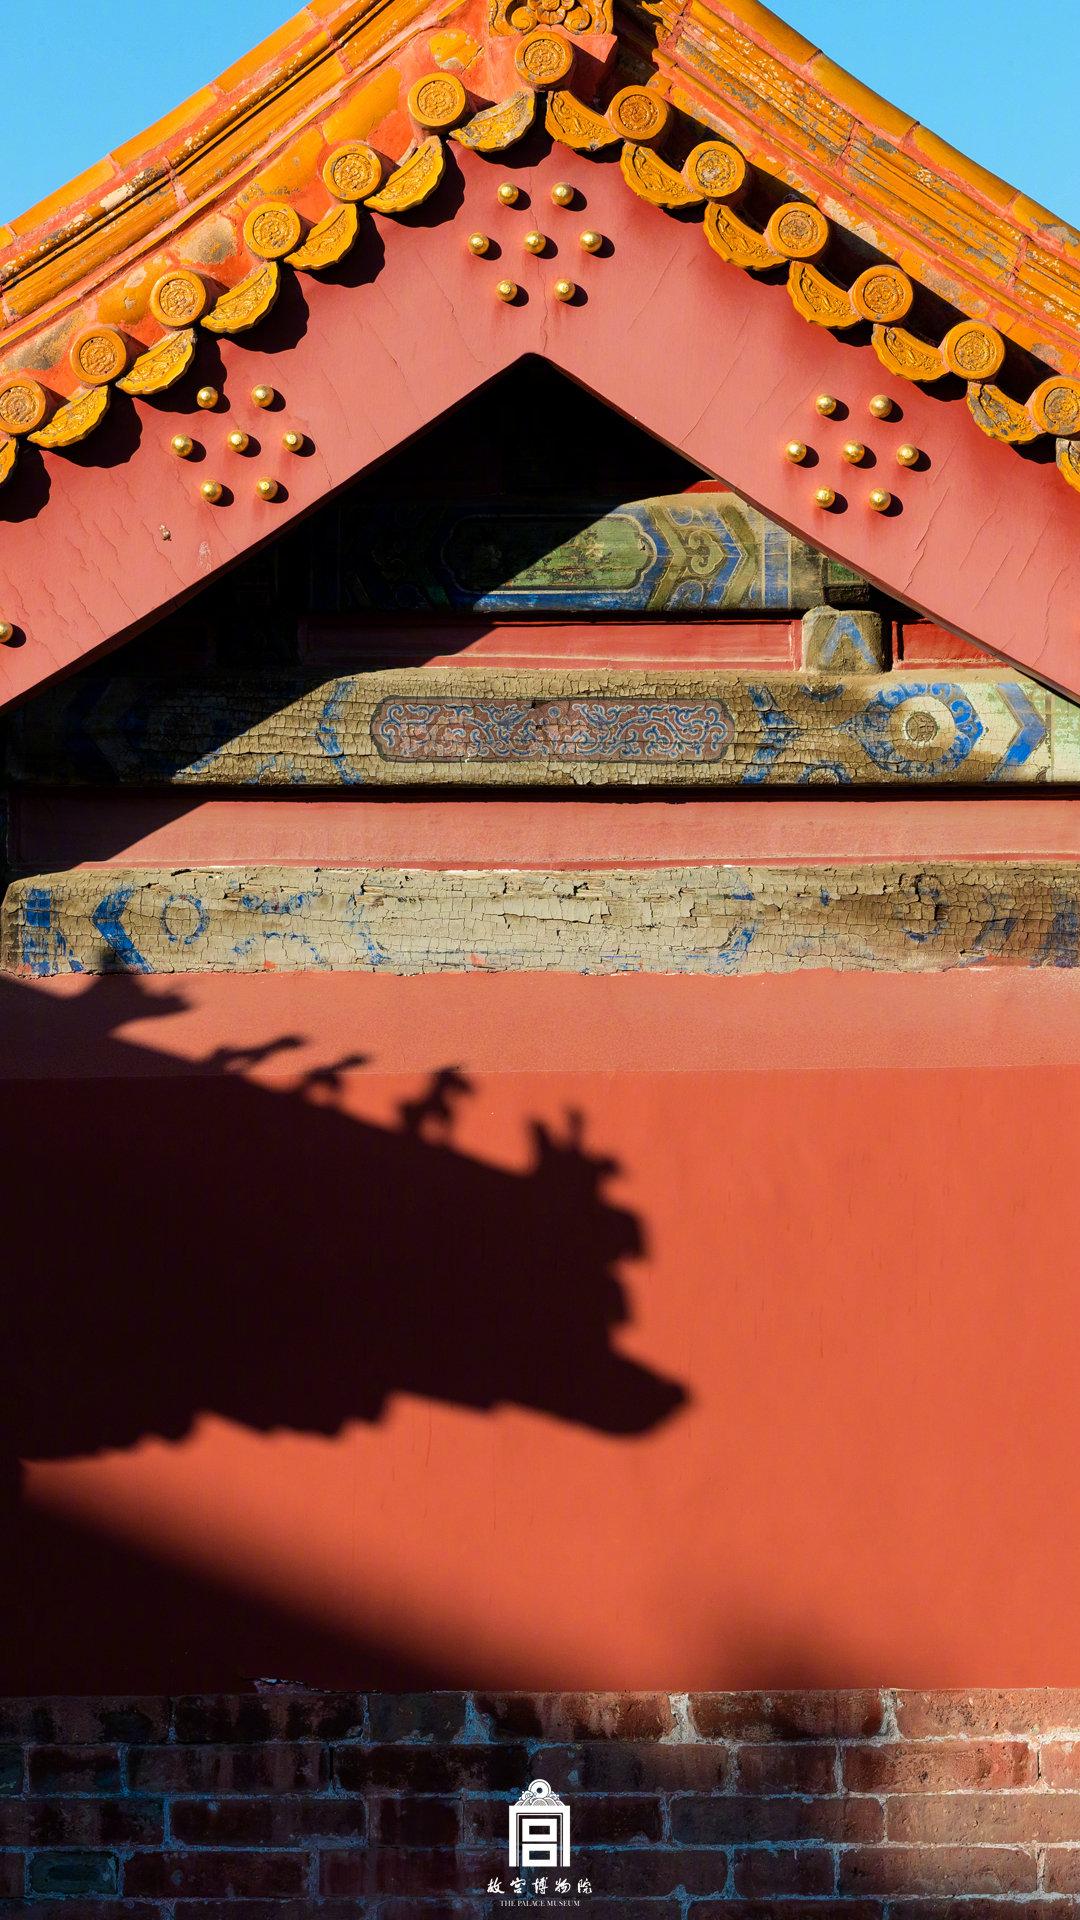 喜欢故宫的深秋,秋色斑斓的!图片来自故宫博物院官微 侵权删除